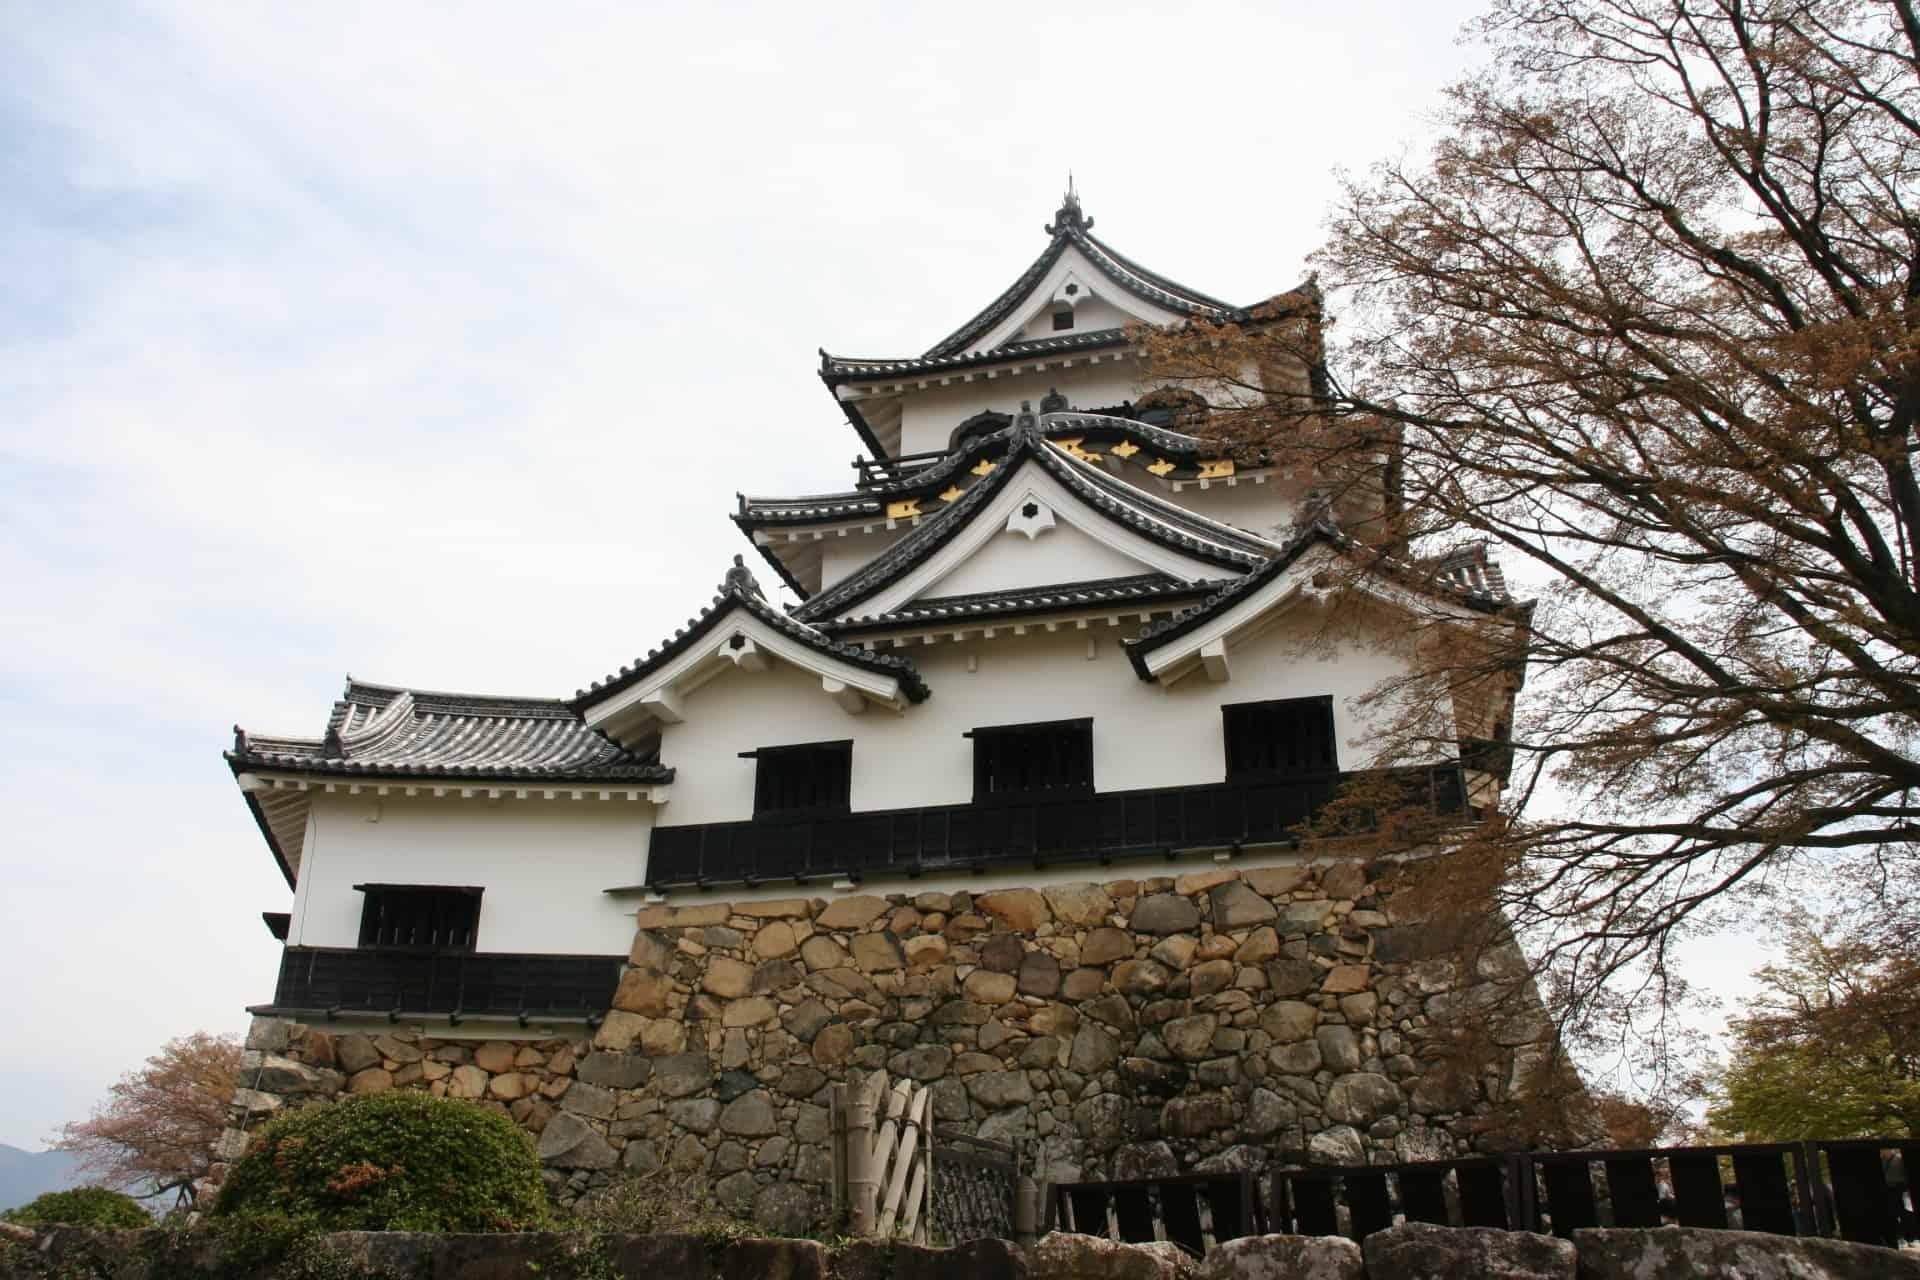 ปราสาทฮิโกเนะ Hikone Castle ฮิโกเนะ ชิกะ